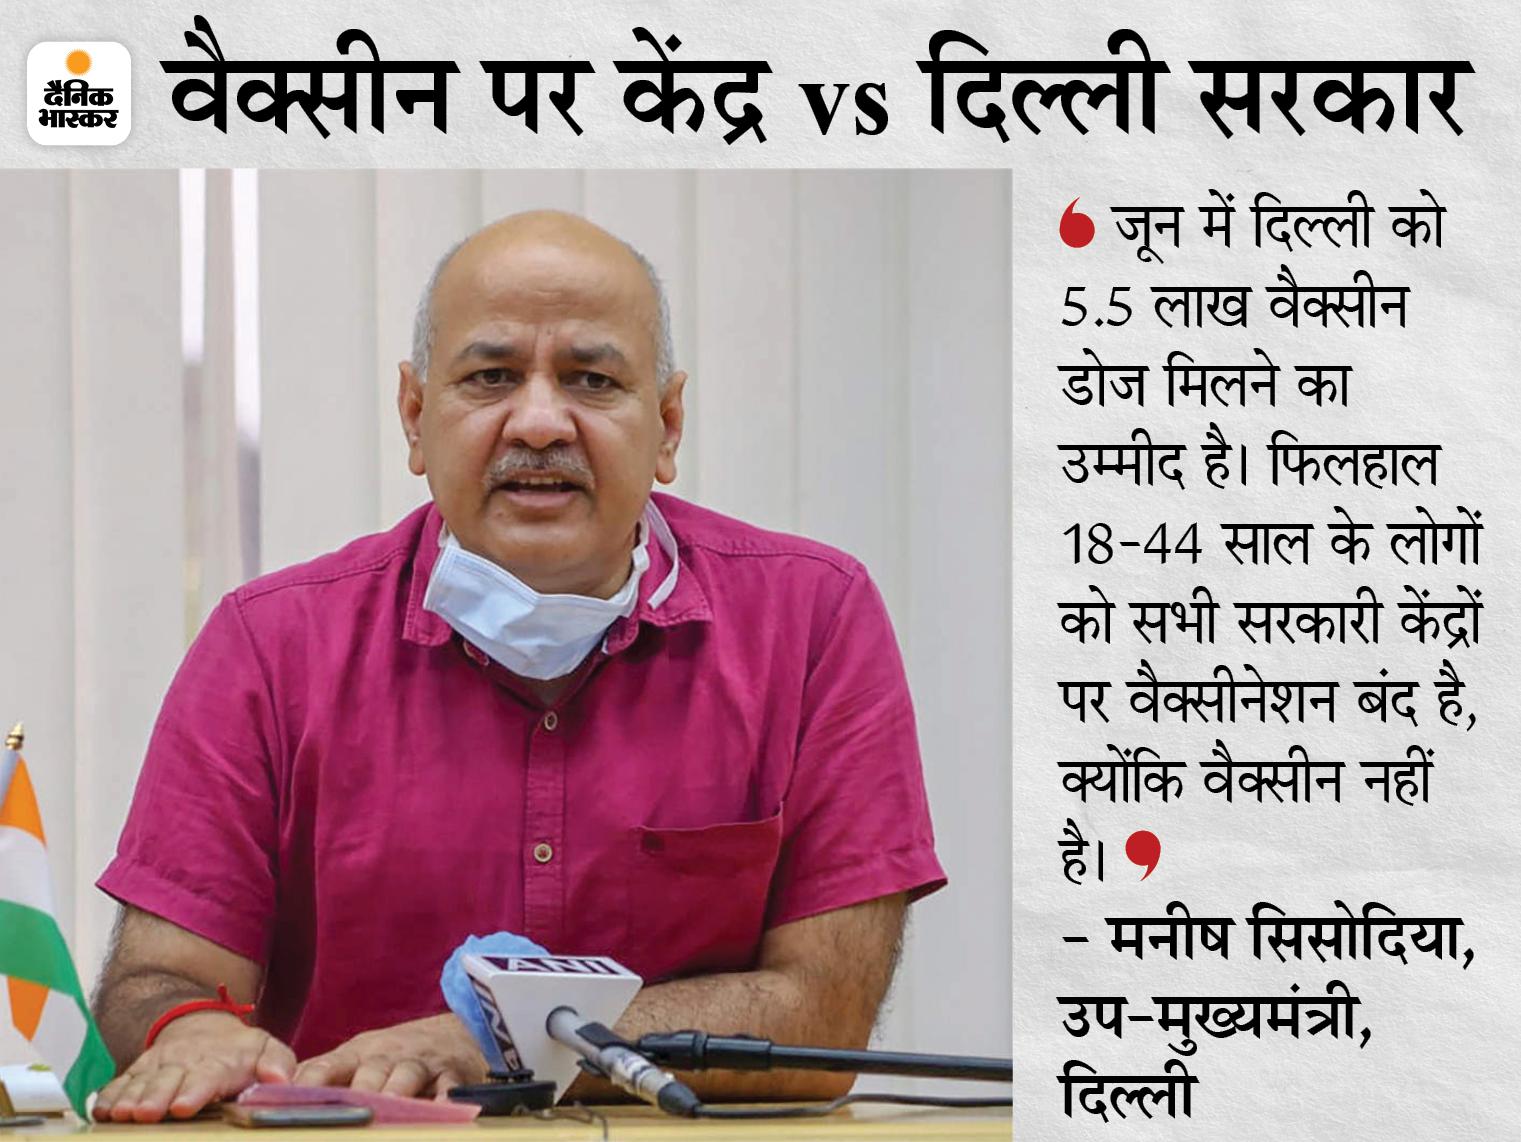 सिसोदिया का केंद्र से सवाल- कैसे प्राइवेट अस्पतालों को वैक्सीन मिल रही है, जबकि राज्यों के पास इसकी भारी कमी देश,National - Dainik Bhaskar